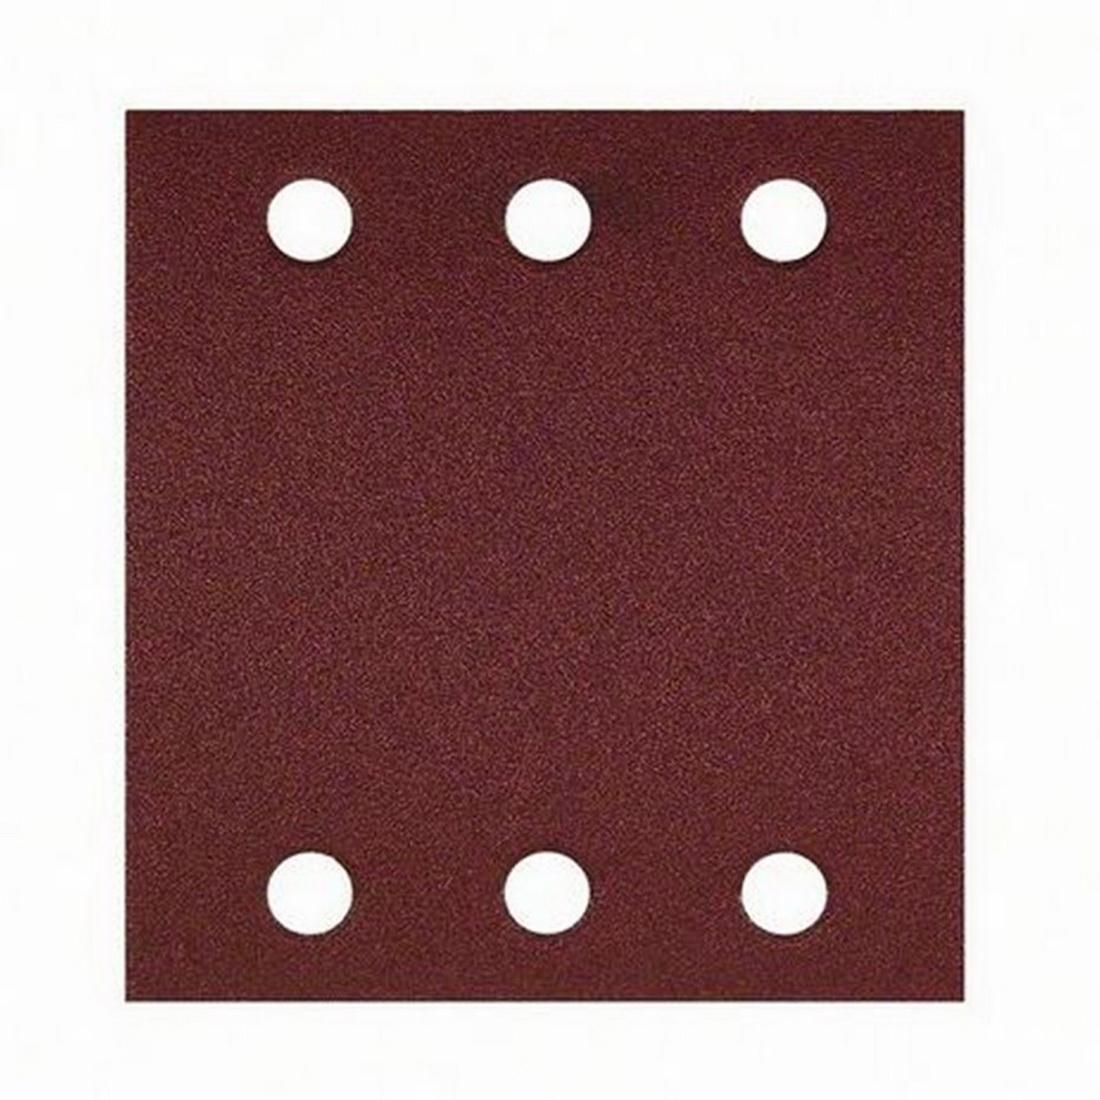 6-Hole Random Orbital Sanding Sheet For Wood 107 x 115mm 80 Grit 10 pack 2608607457